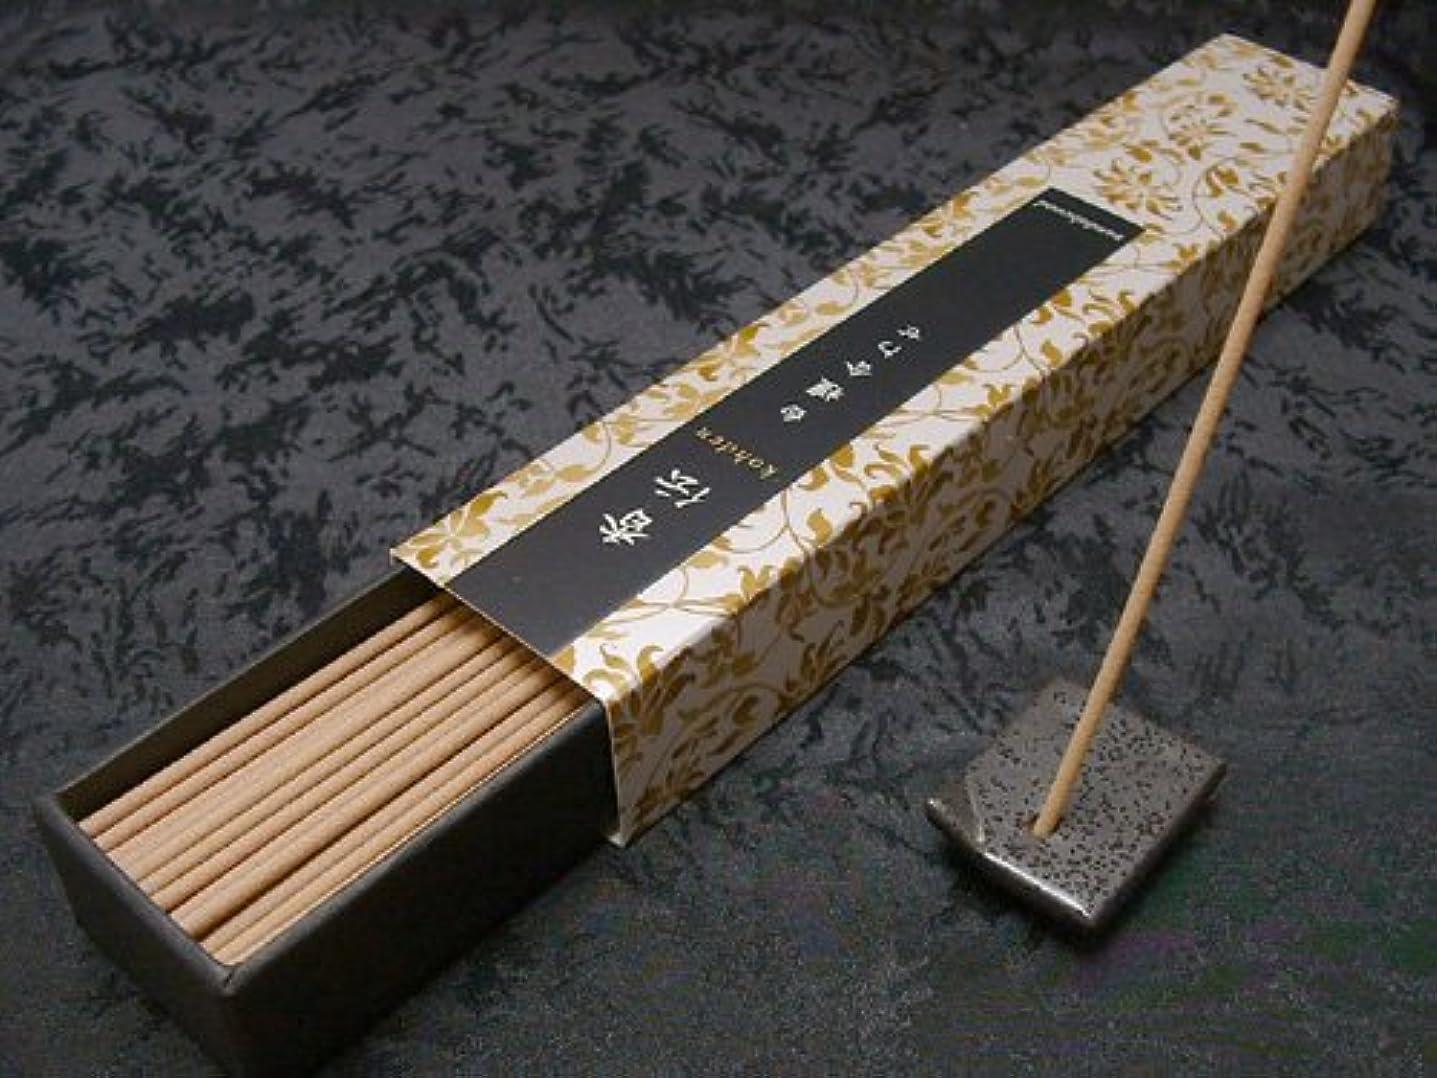 ジョガーアンドリューハリディ膜日本香堂のお香 香伝 白檀合わせ